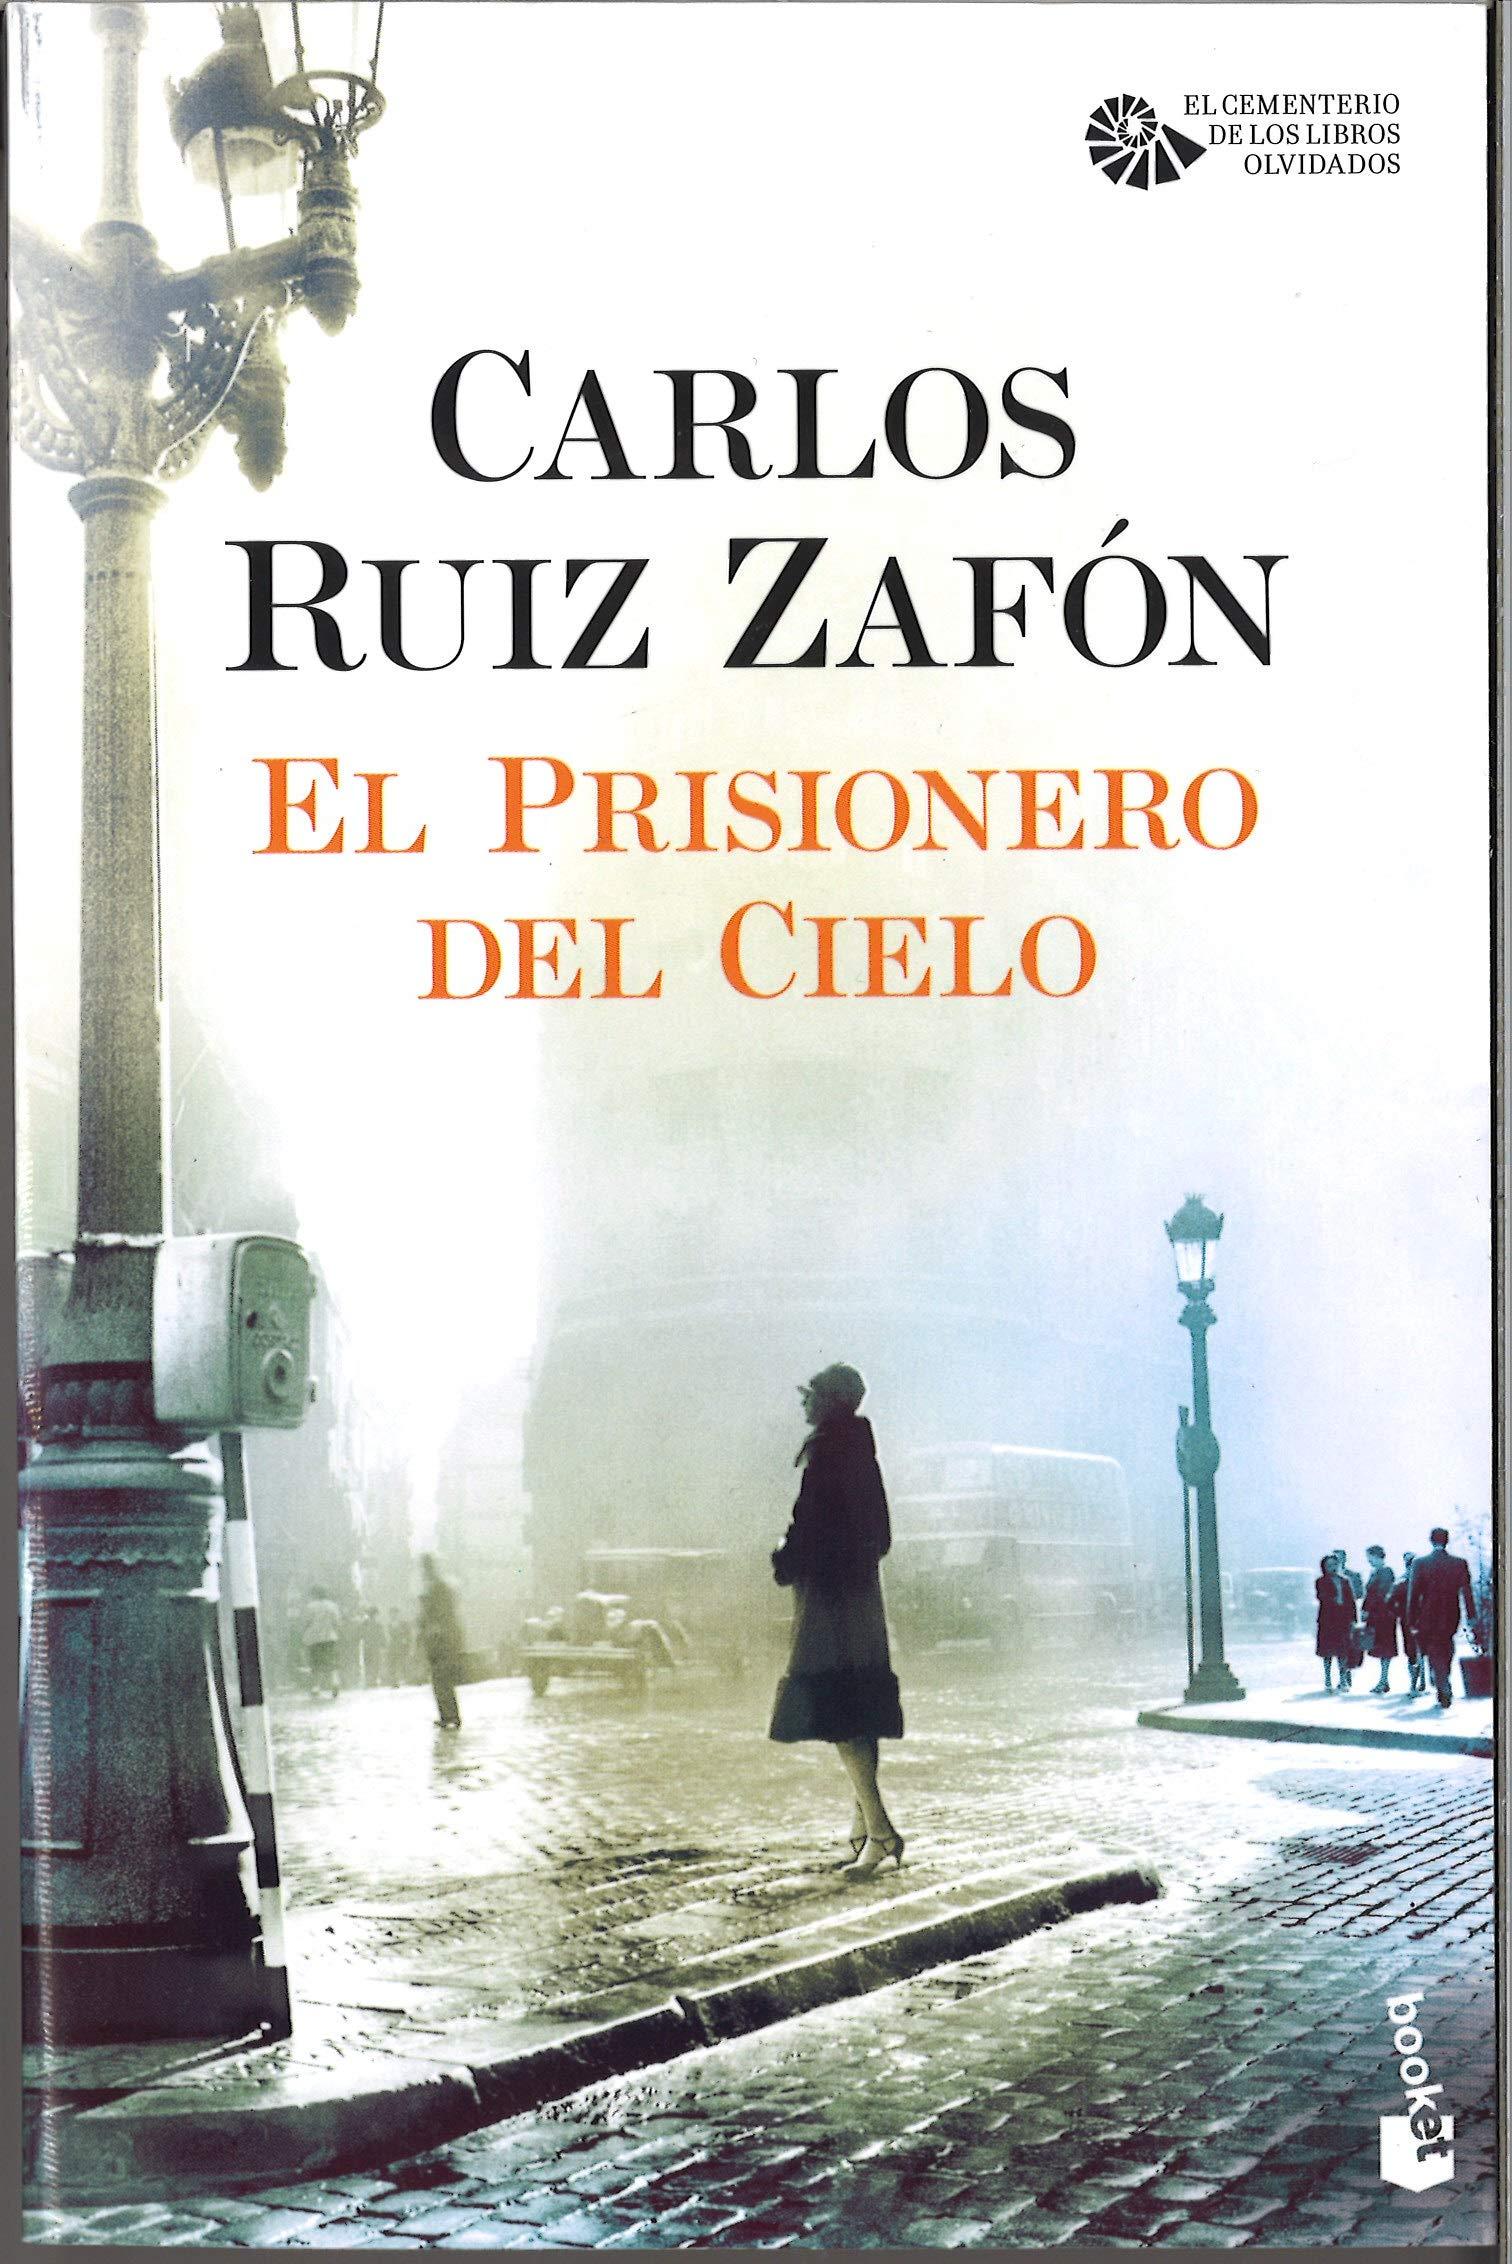 El Prisionero del Cielo Biblioteca Carlos Ruiz Zafón: Amazon.es: Carlos  Ruiz Zafón: Libros